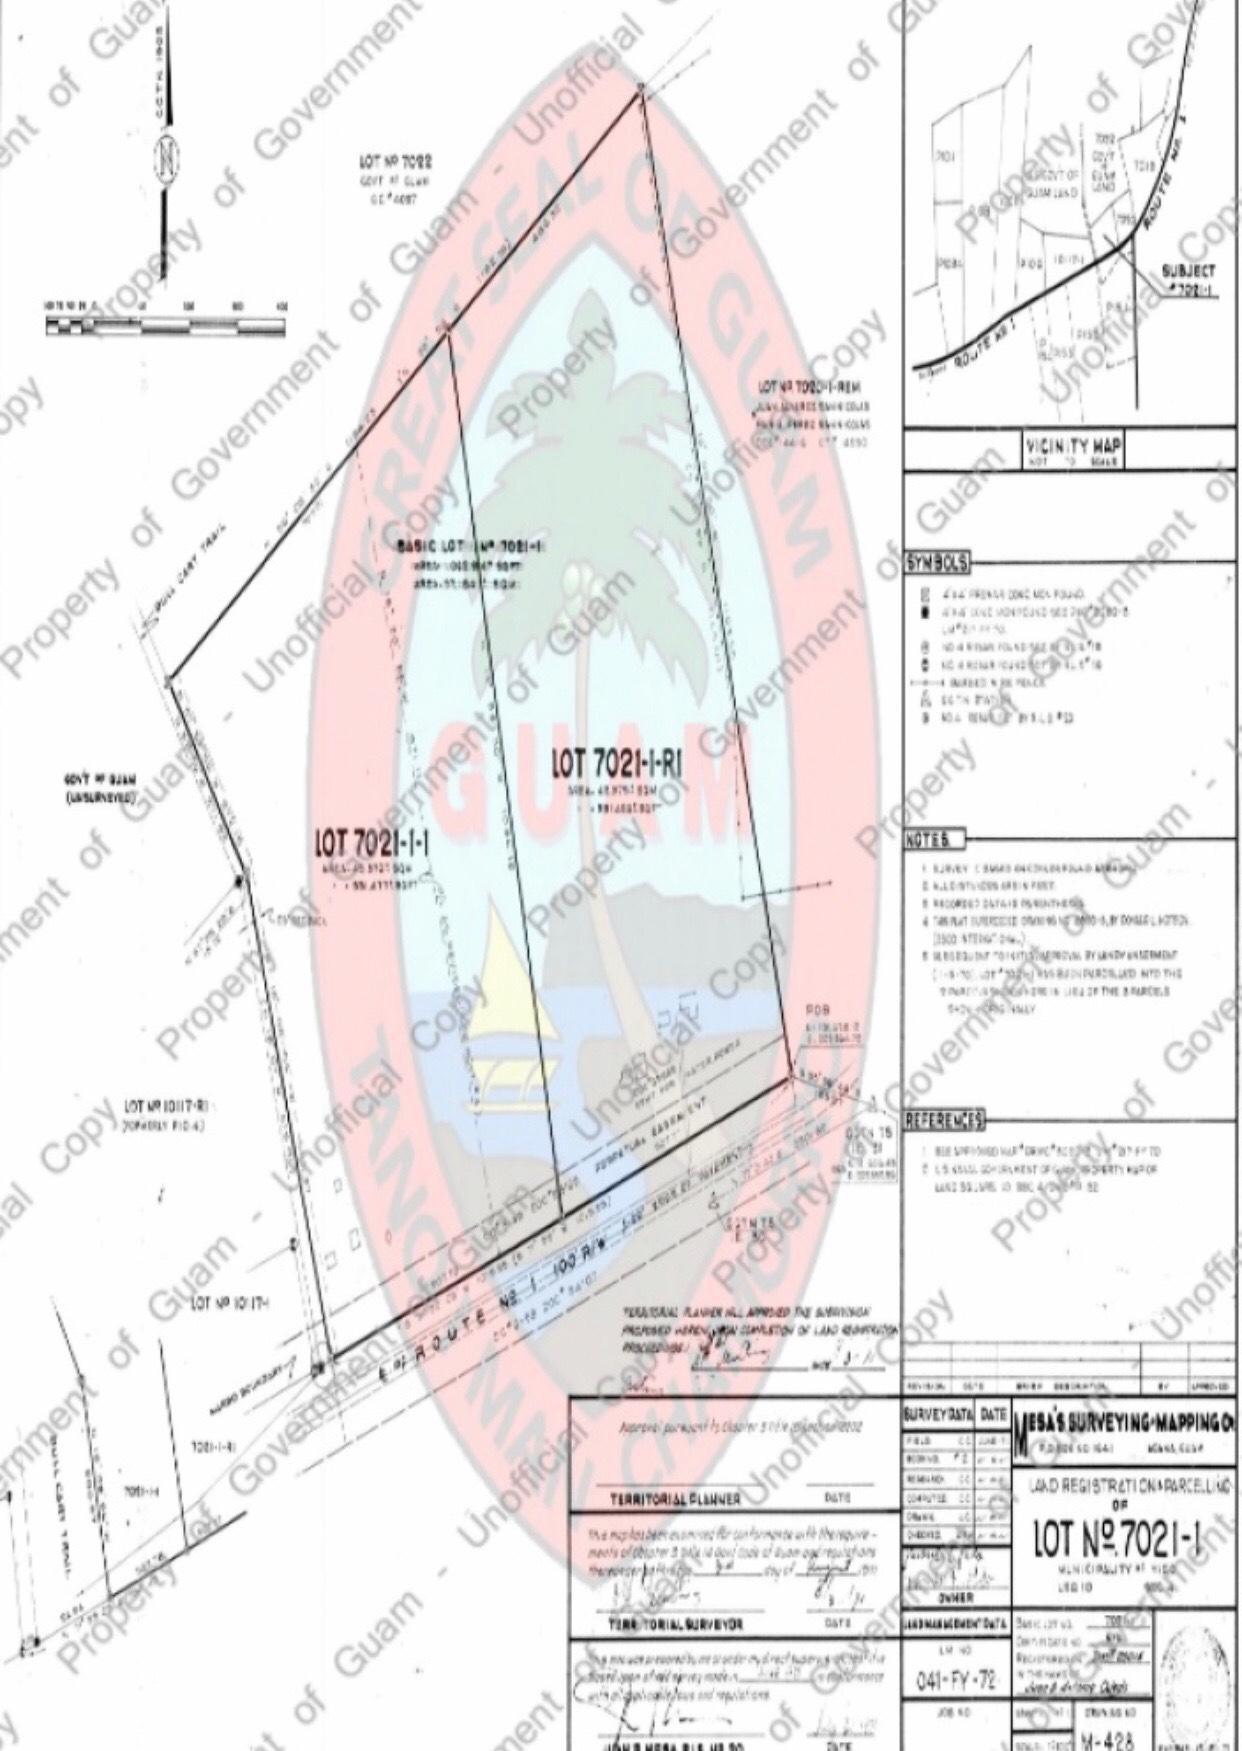 LOT 7021-1-R-1/LOT 5 Tract 264, Yigo, GU 96929